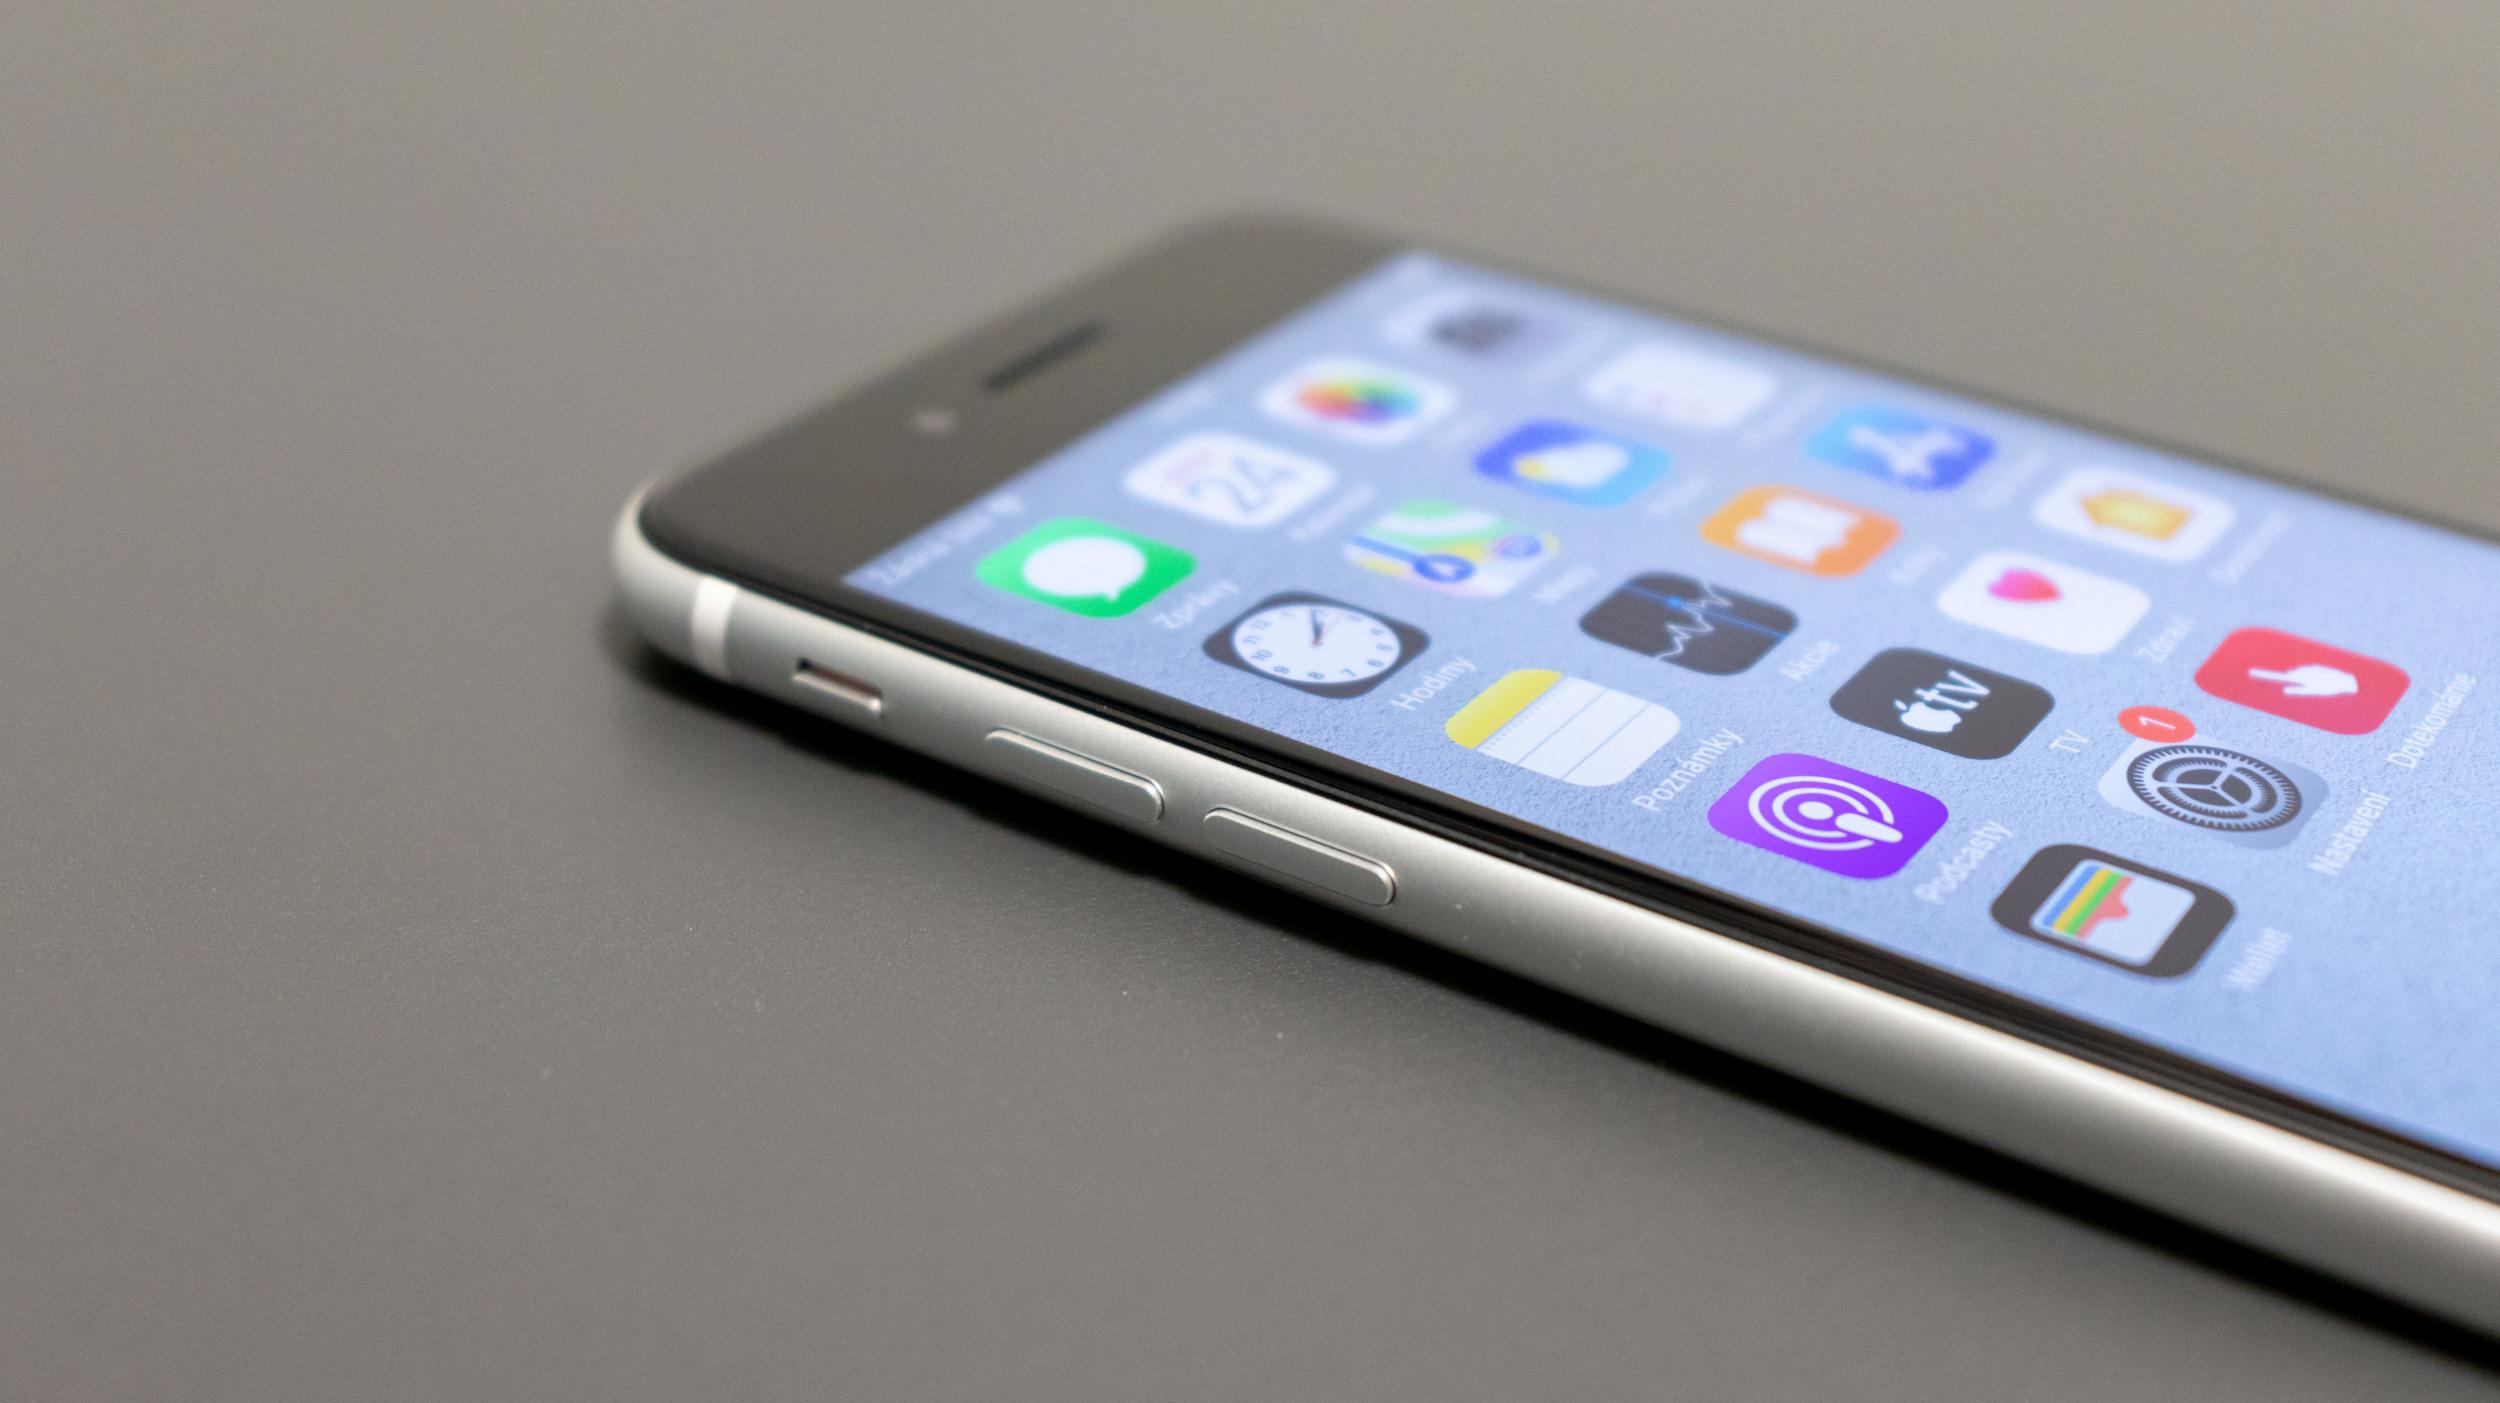 iPhone SE chybí klíčová funkce Haptic Touch a nejde o chybu